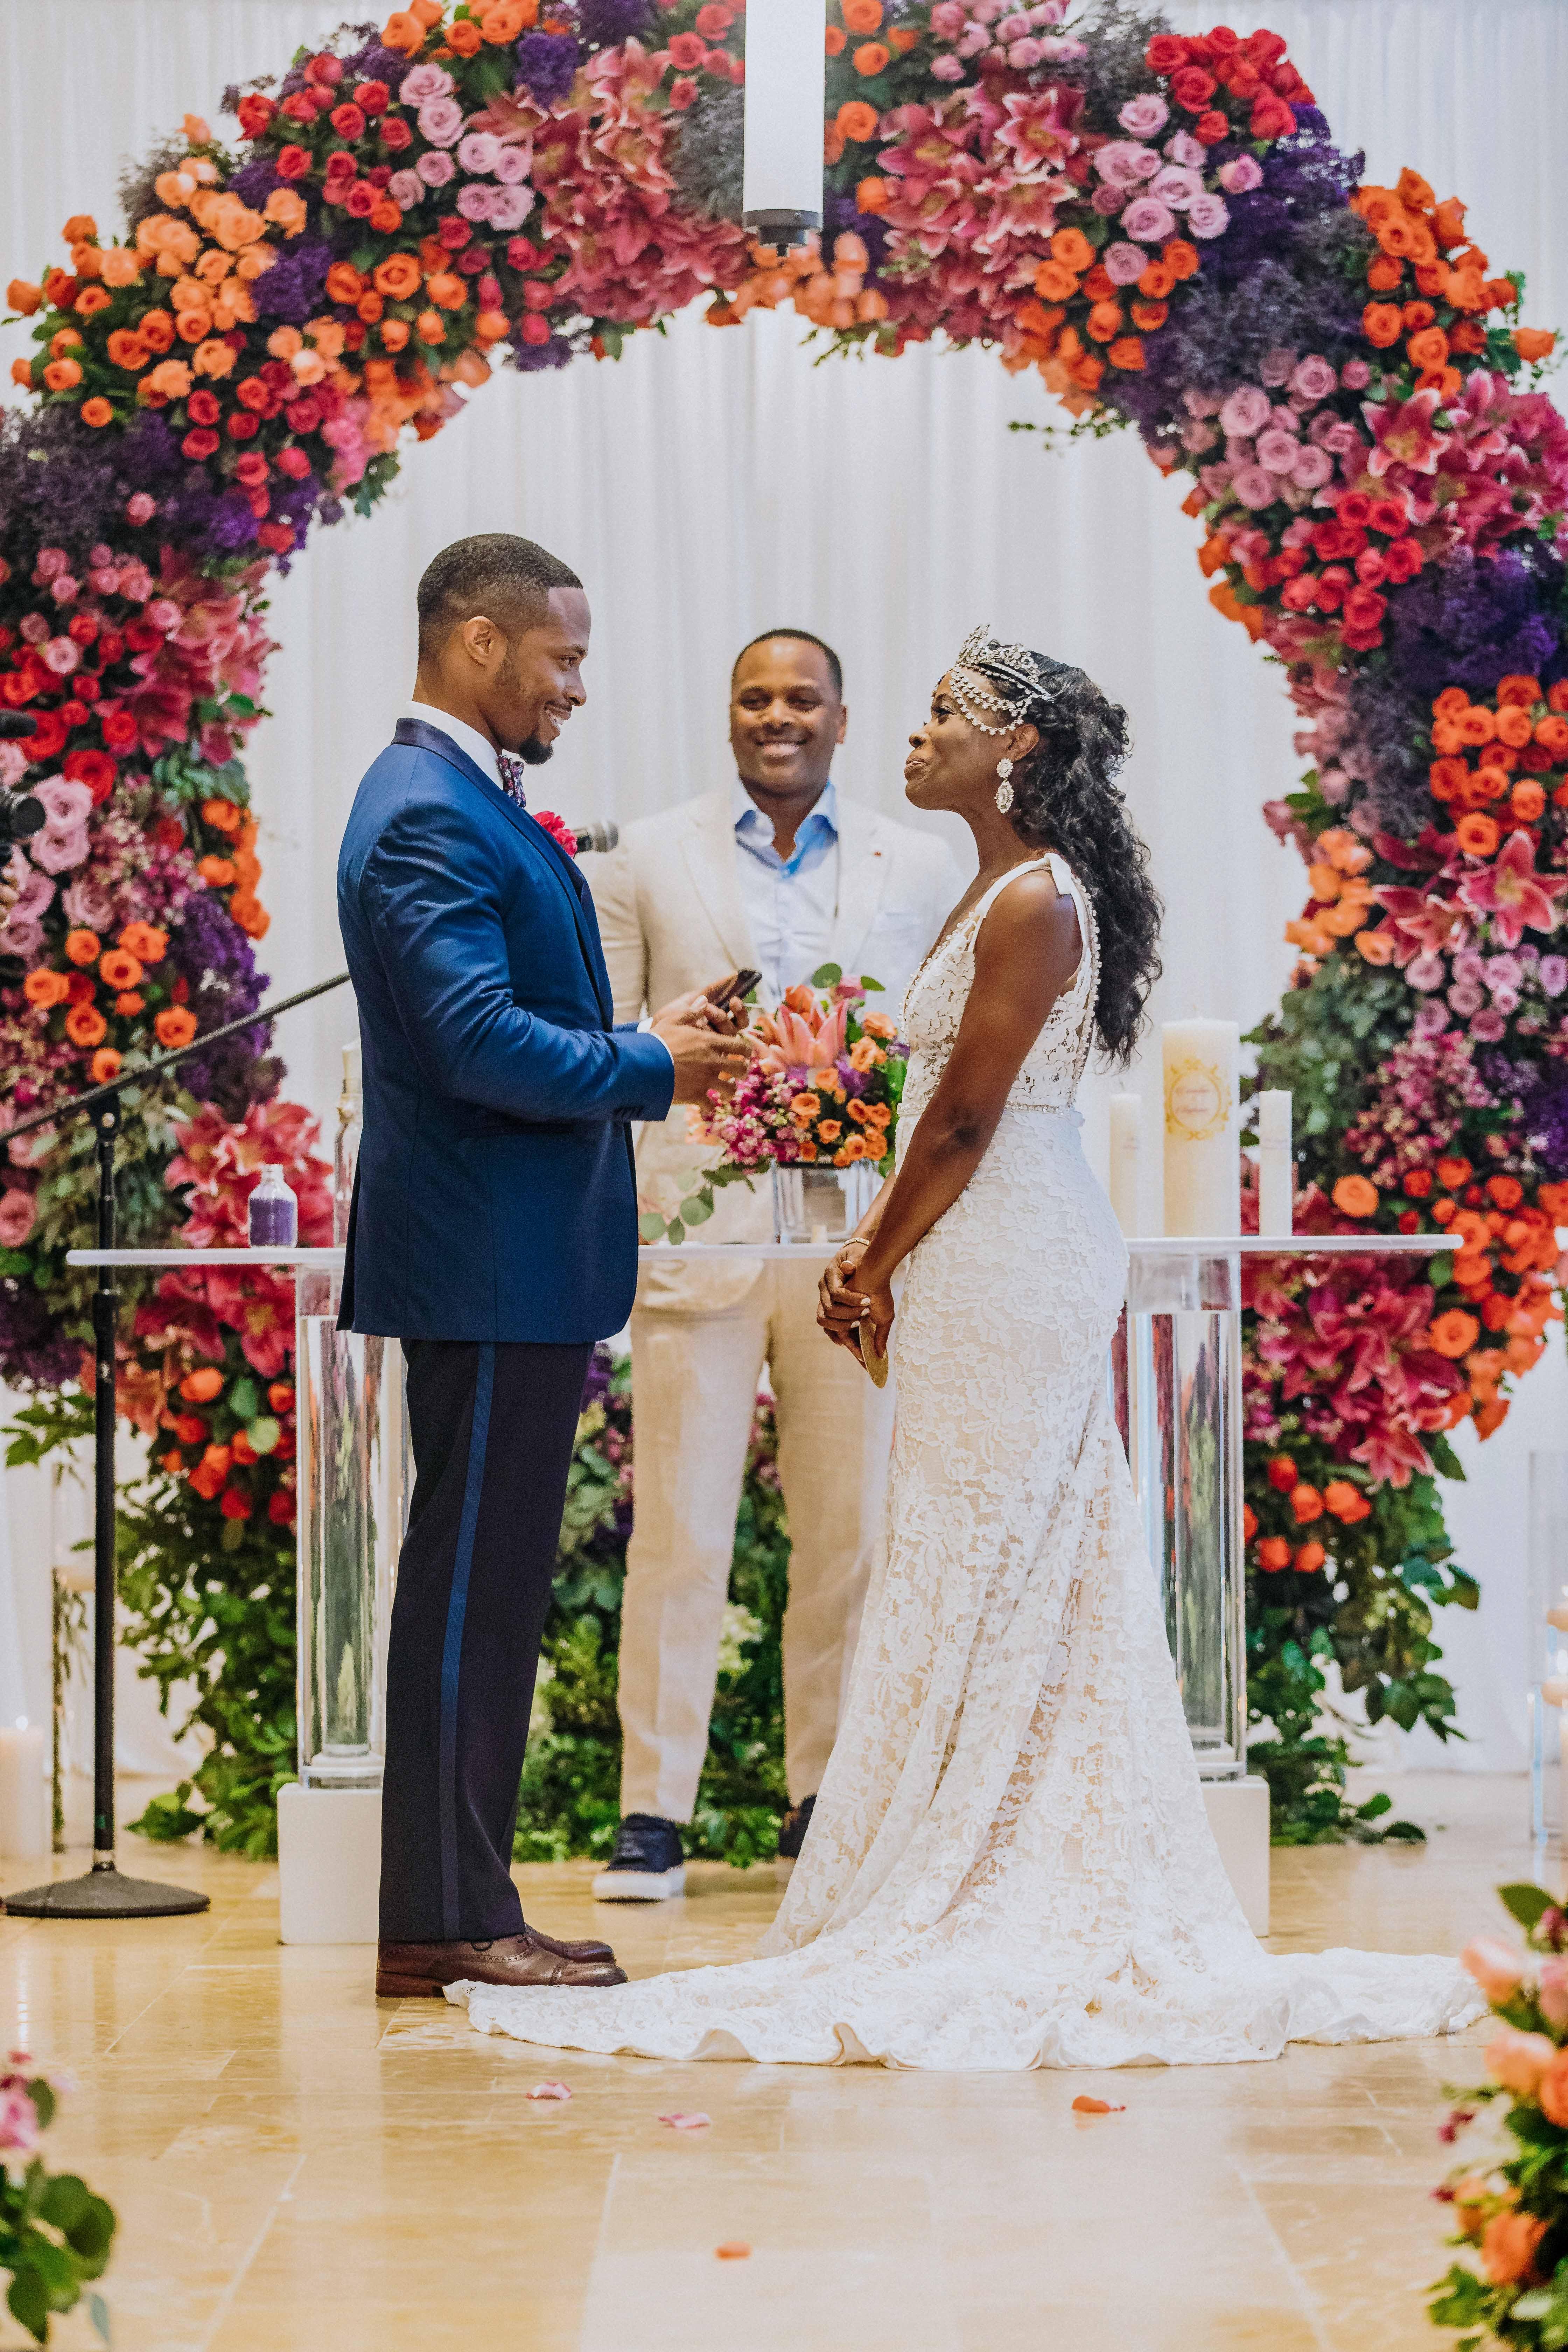 bride groom wedding ceremony vows floral arch